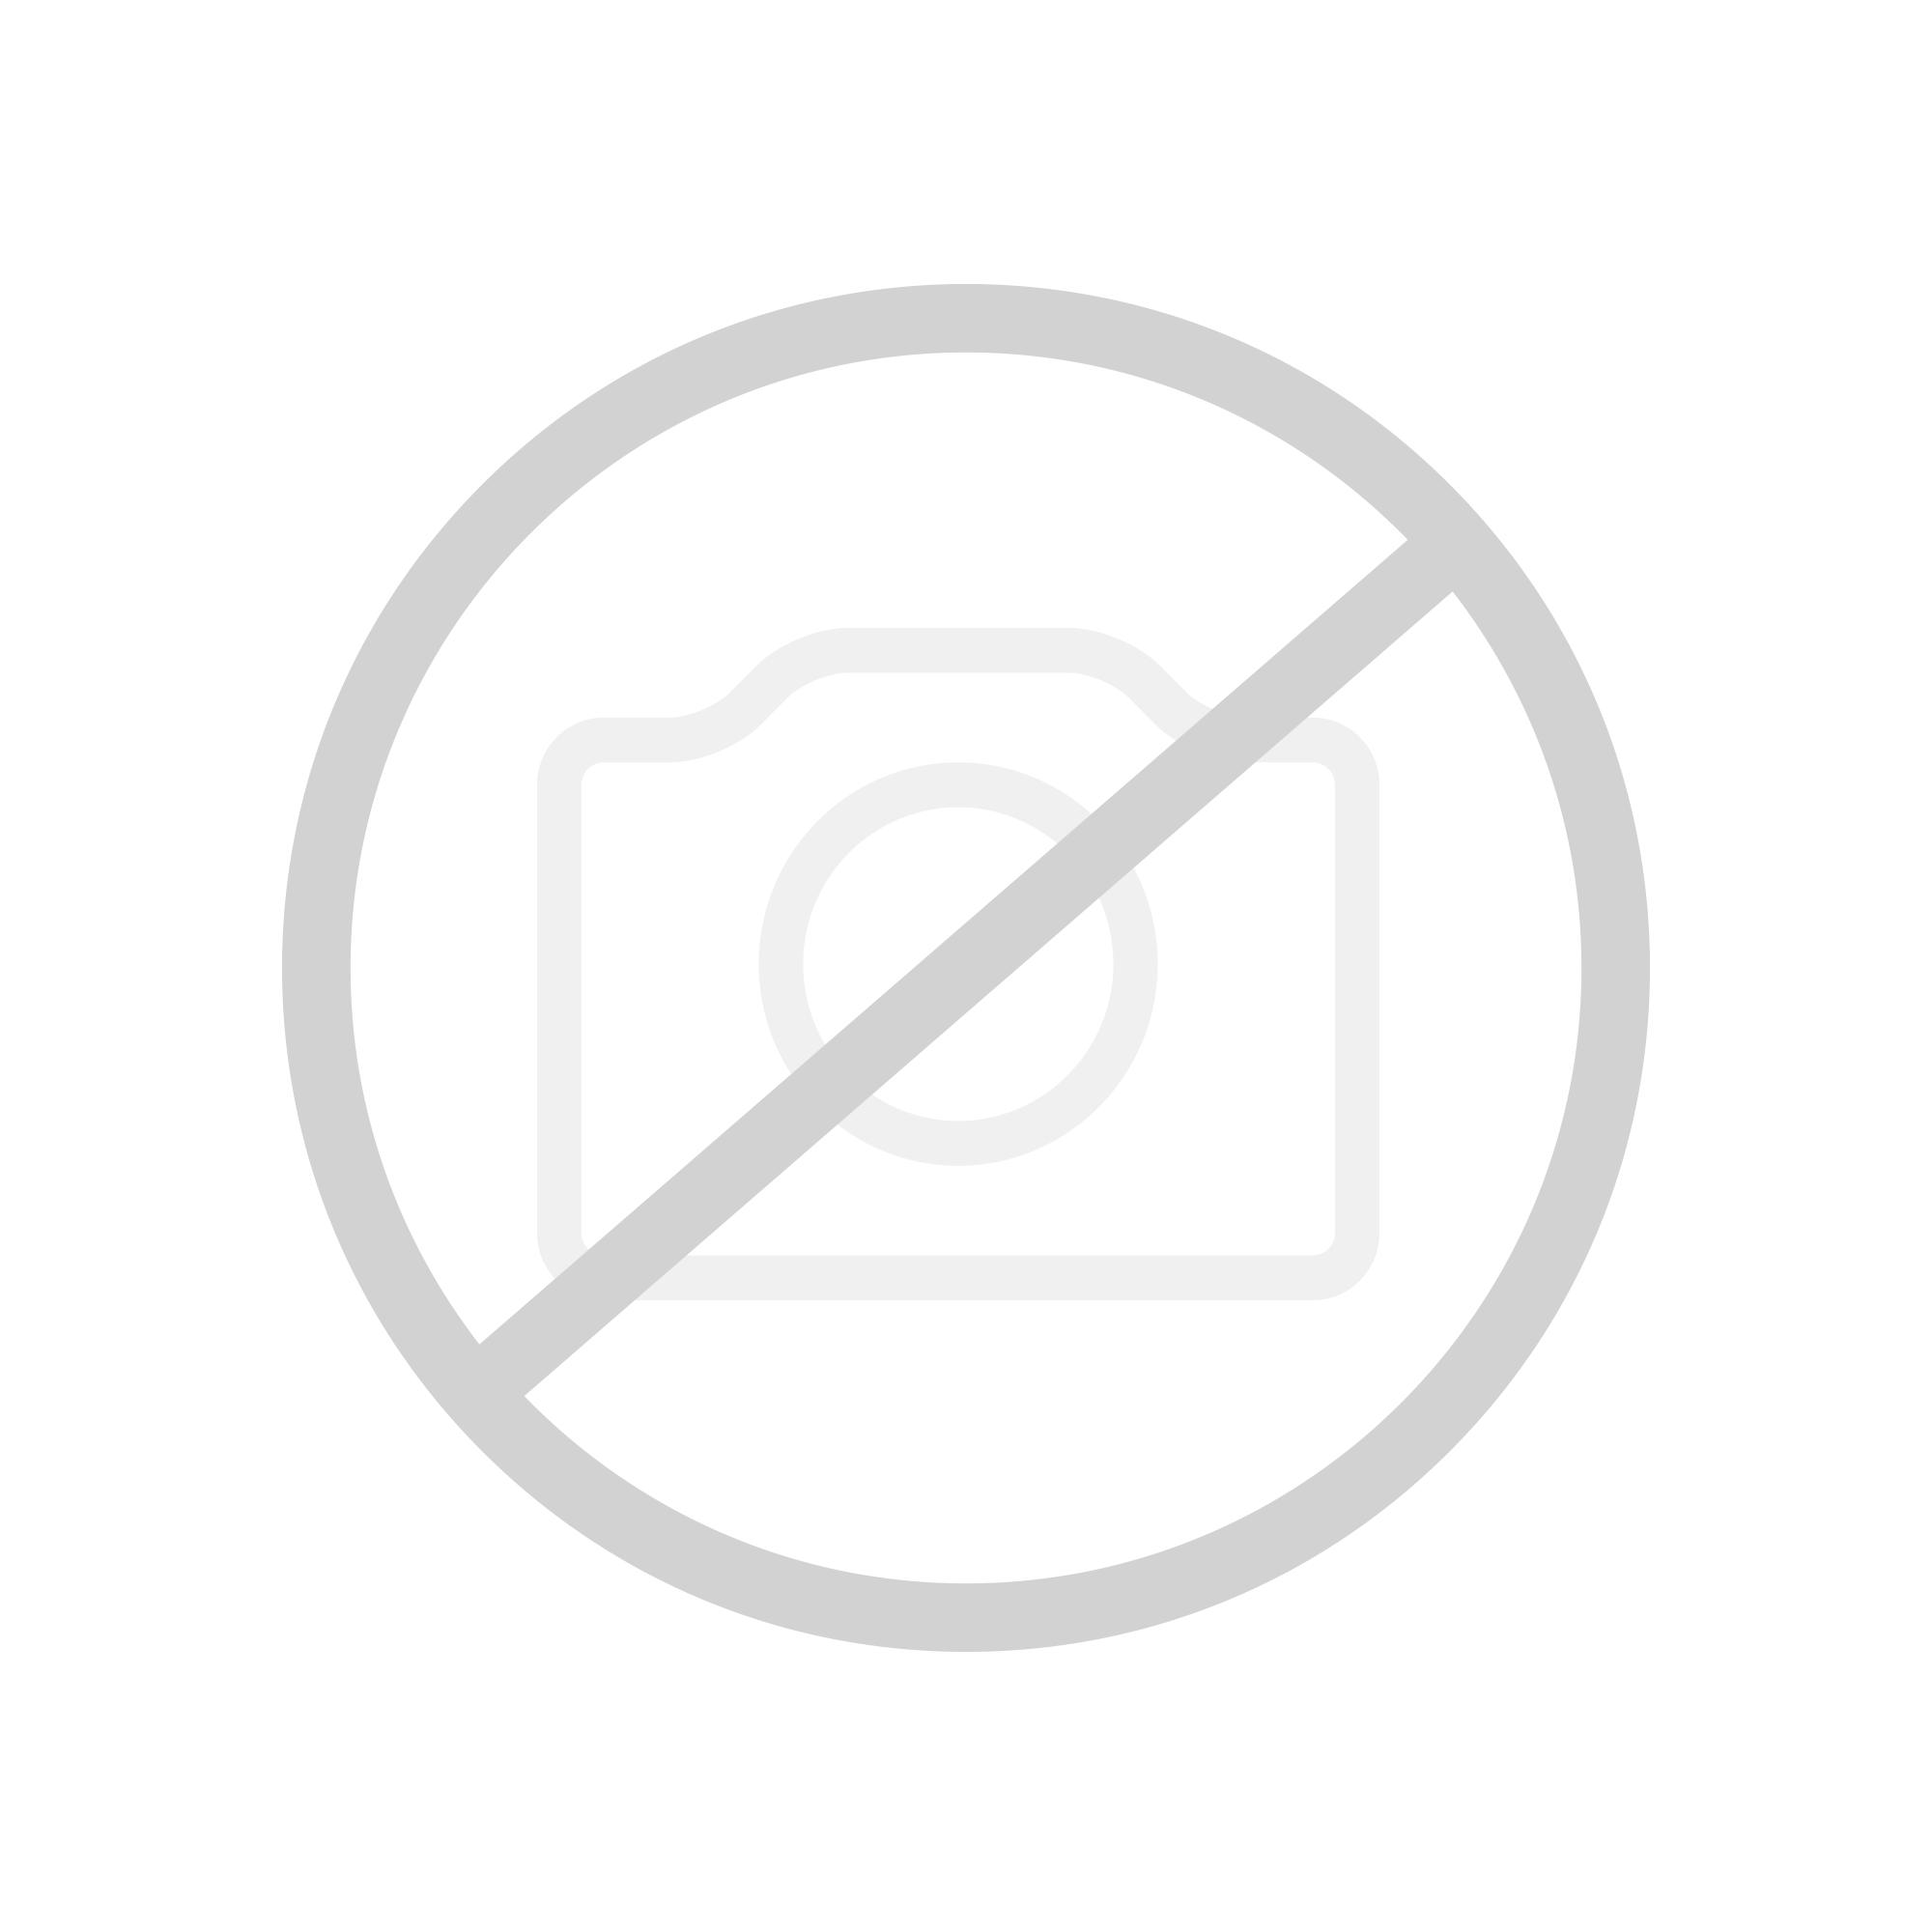 antoniolupi Ayati AY921 Wandauslauf für Becken Ausladung 190 mm für Unterputz edelstahl satiniert